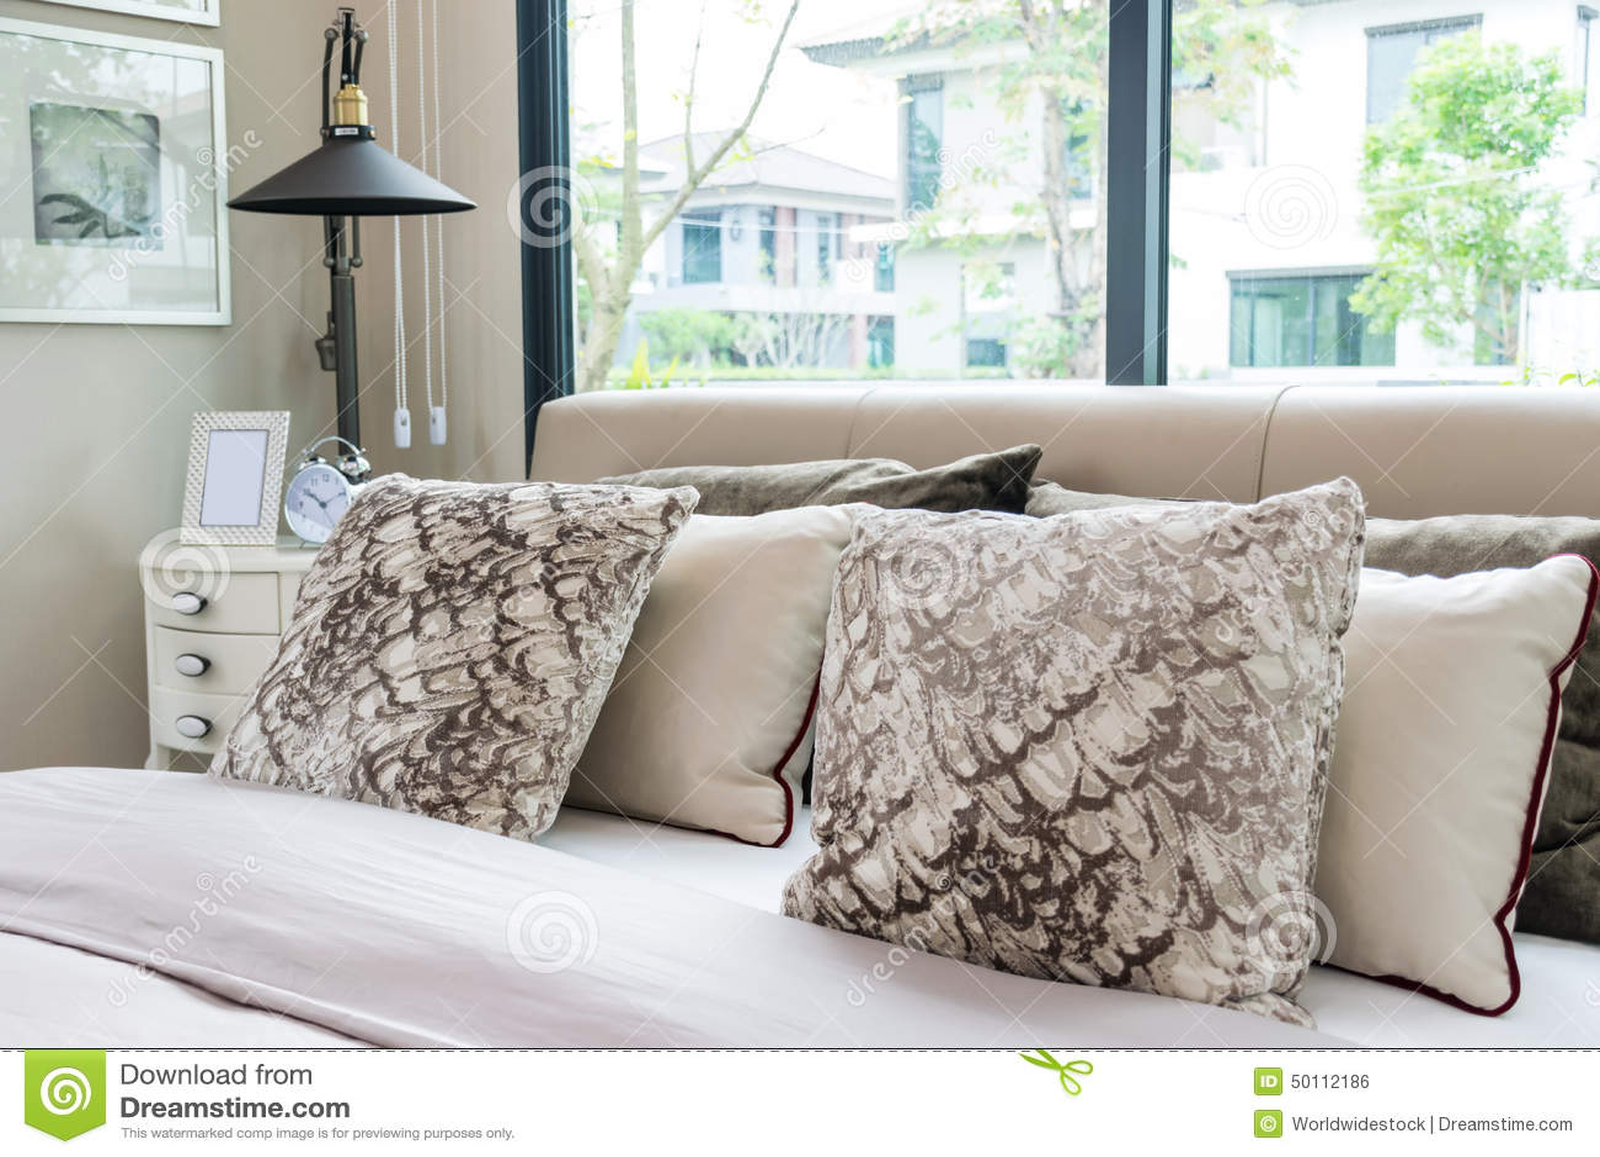 Progettazione moderna della camera da letto con il letto i cuscini e la lampada fotografia - Cuscini da letto ...